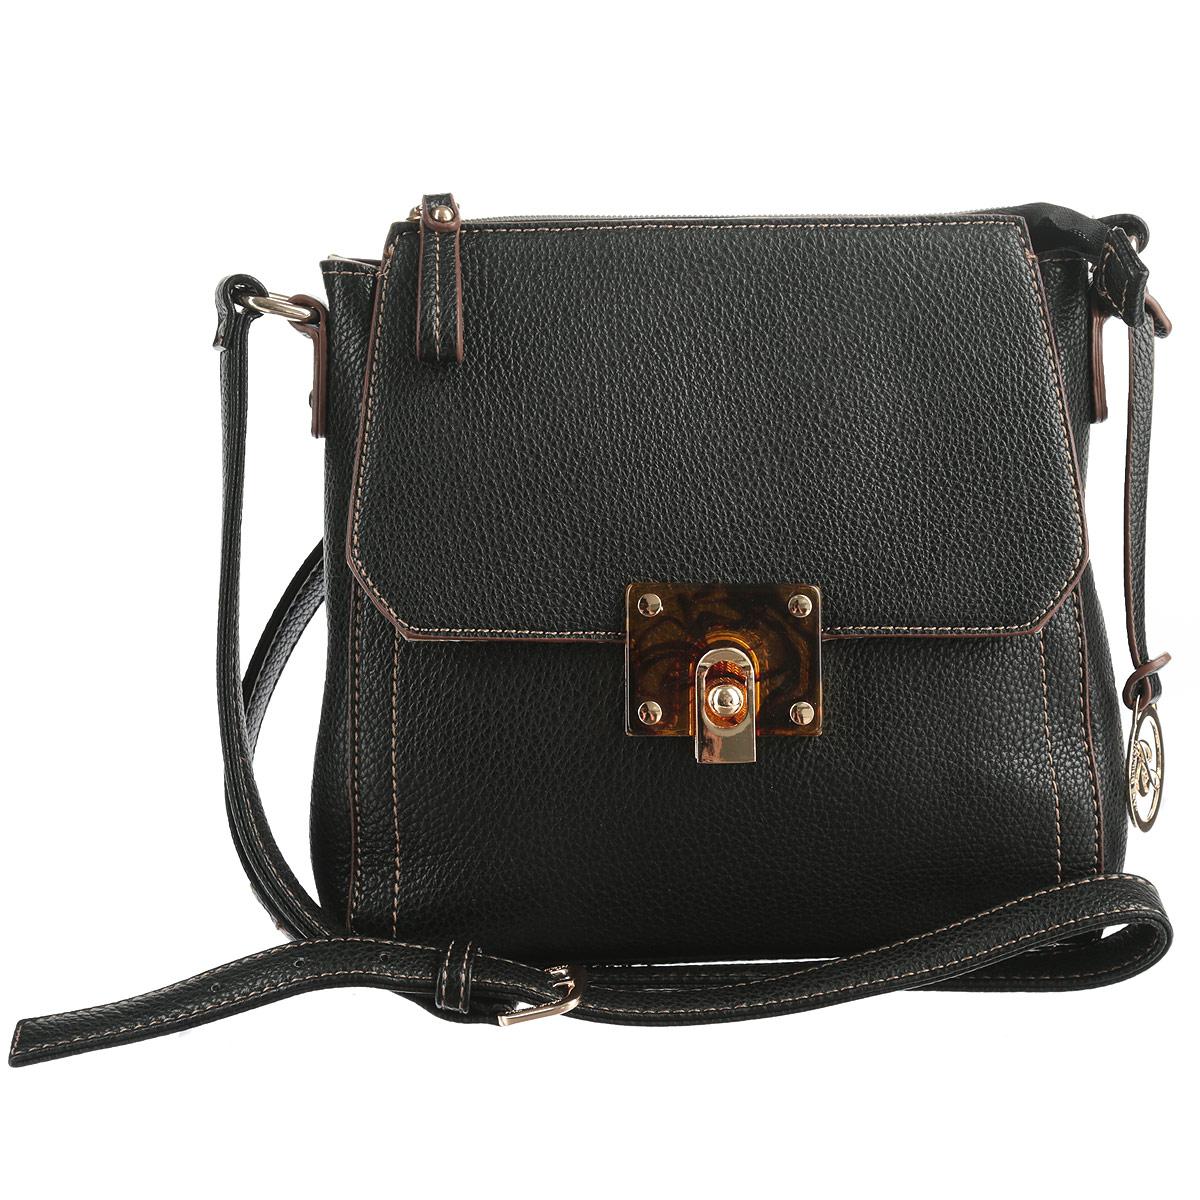 Сумка женская Jane Shilton, цвет: черный. 16961696blИзысканная женская сумка Jane Shilton выполнена из искусственной кожи с текстурным теснением. Изделие имеет одно основное отделение, которое закрывается на застежку-молнию. Внутри имеется прорезной кармашек на застежке-молнии и накладной кармашек для телефона. На внешней стороне - плоский карман, закрывающийся клапаном на застежку. Модель оснащена плечевым ремнем, который регулируется по длине. Сумка украшена брелоком с логотипом. Роскошная сумка внесет элегантные нотки в ваш образ и подчеркнет ваше отменное чувство стиля.